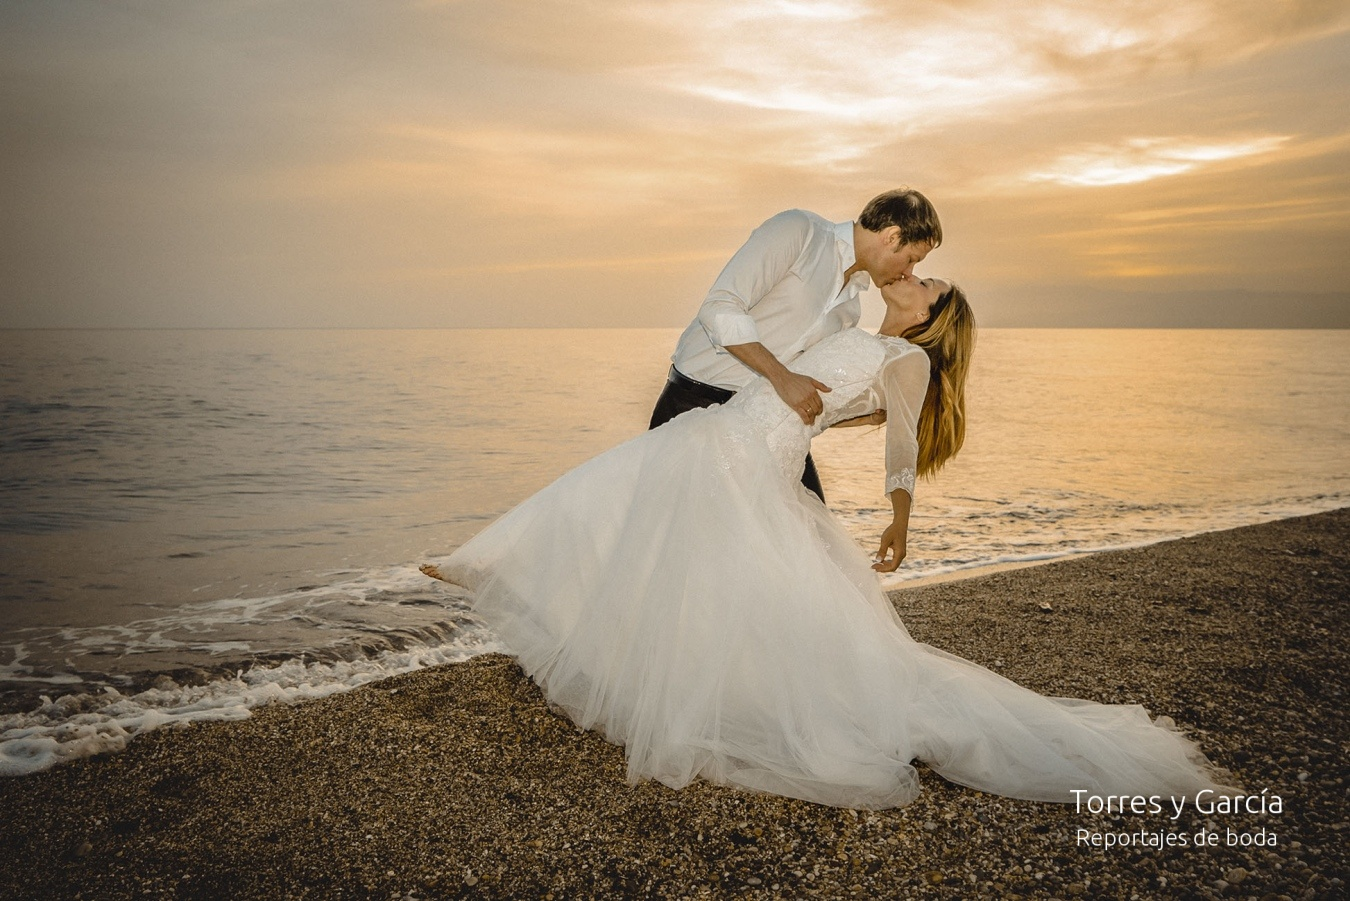 atardecer en el mar - Fotografías - Libros y reportajes de boda diferentes.